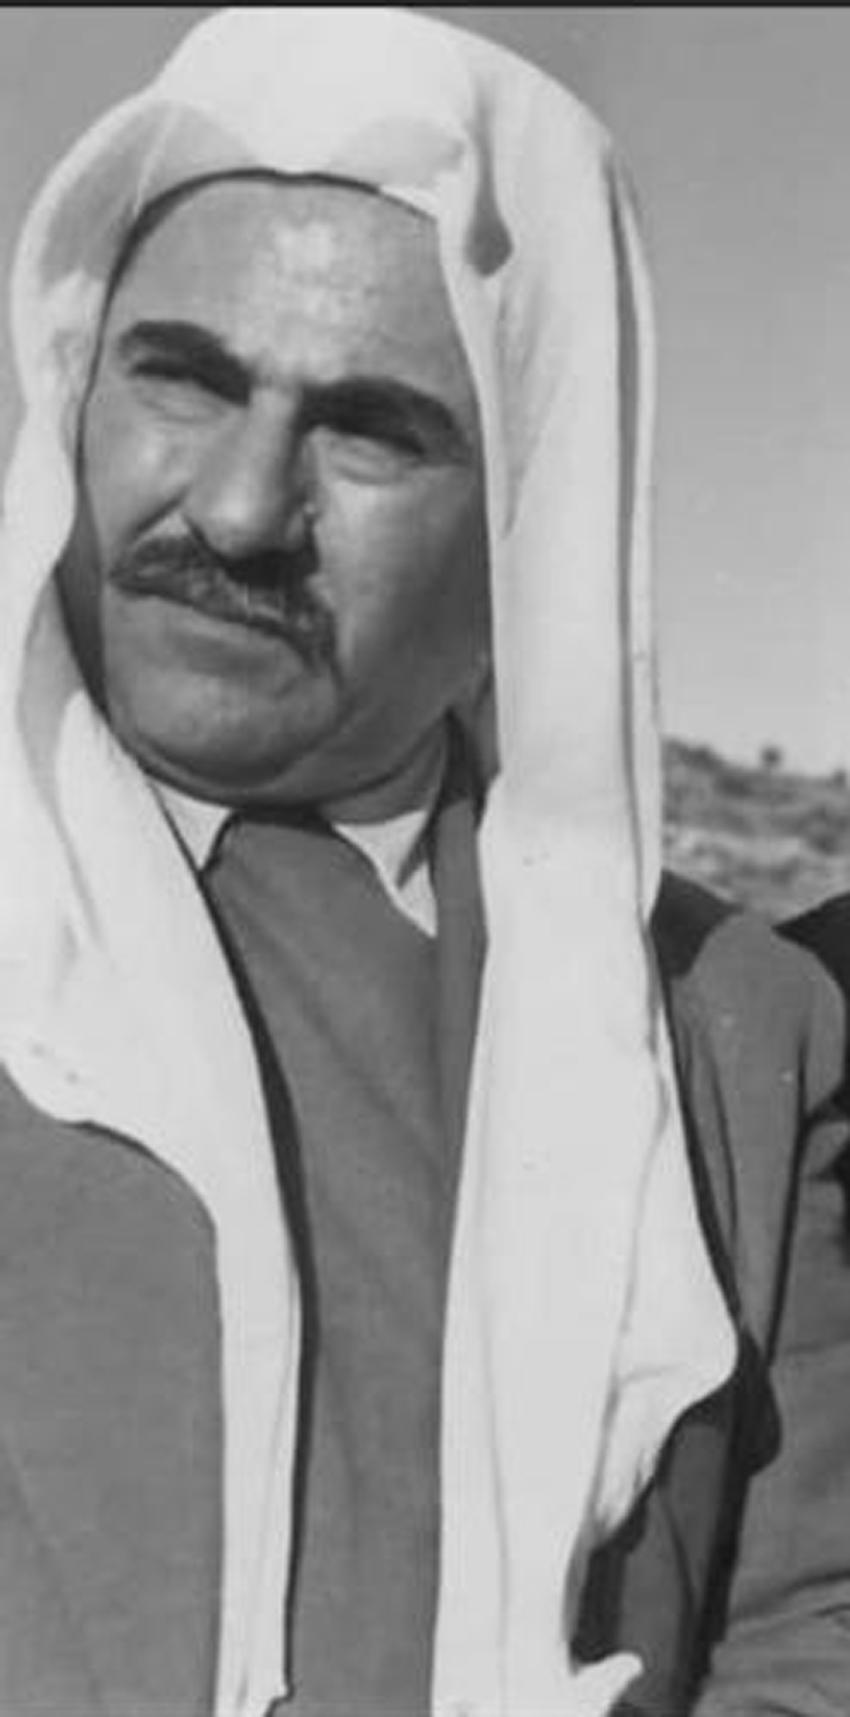 השייח' לביב אבו רוקון, השופט הדרוזי הראשון בארץ, אבי סבו של תימור כיוף